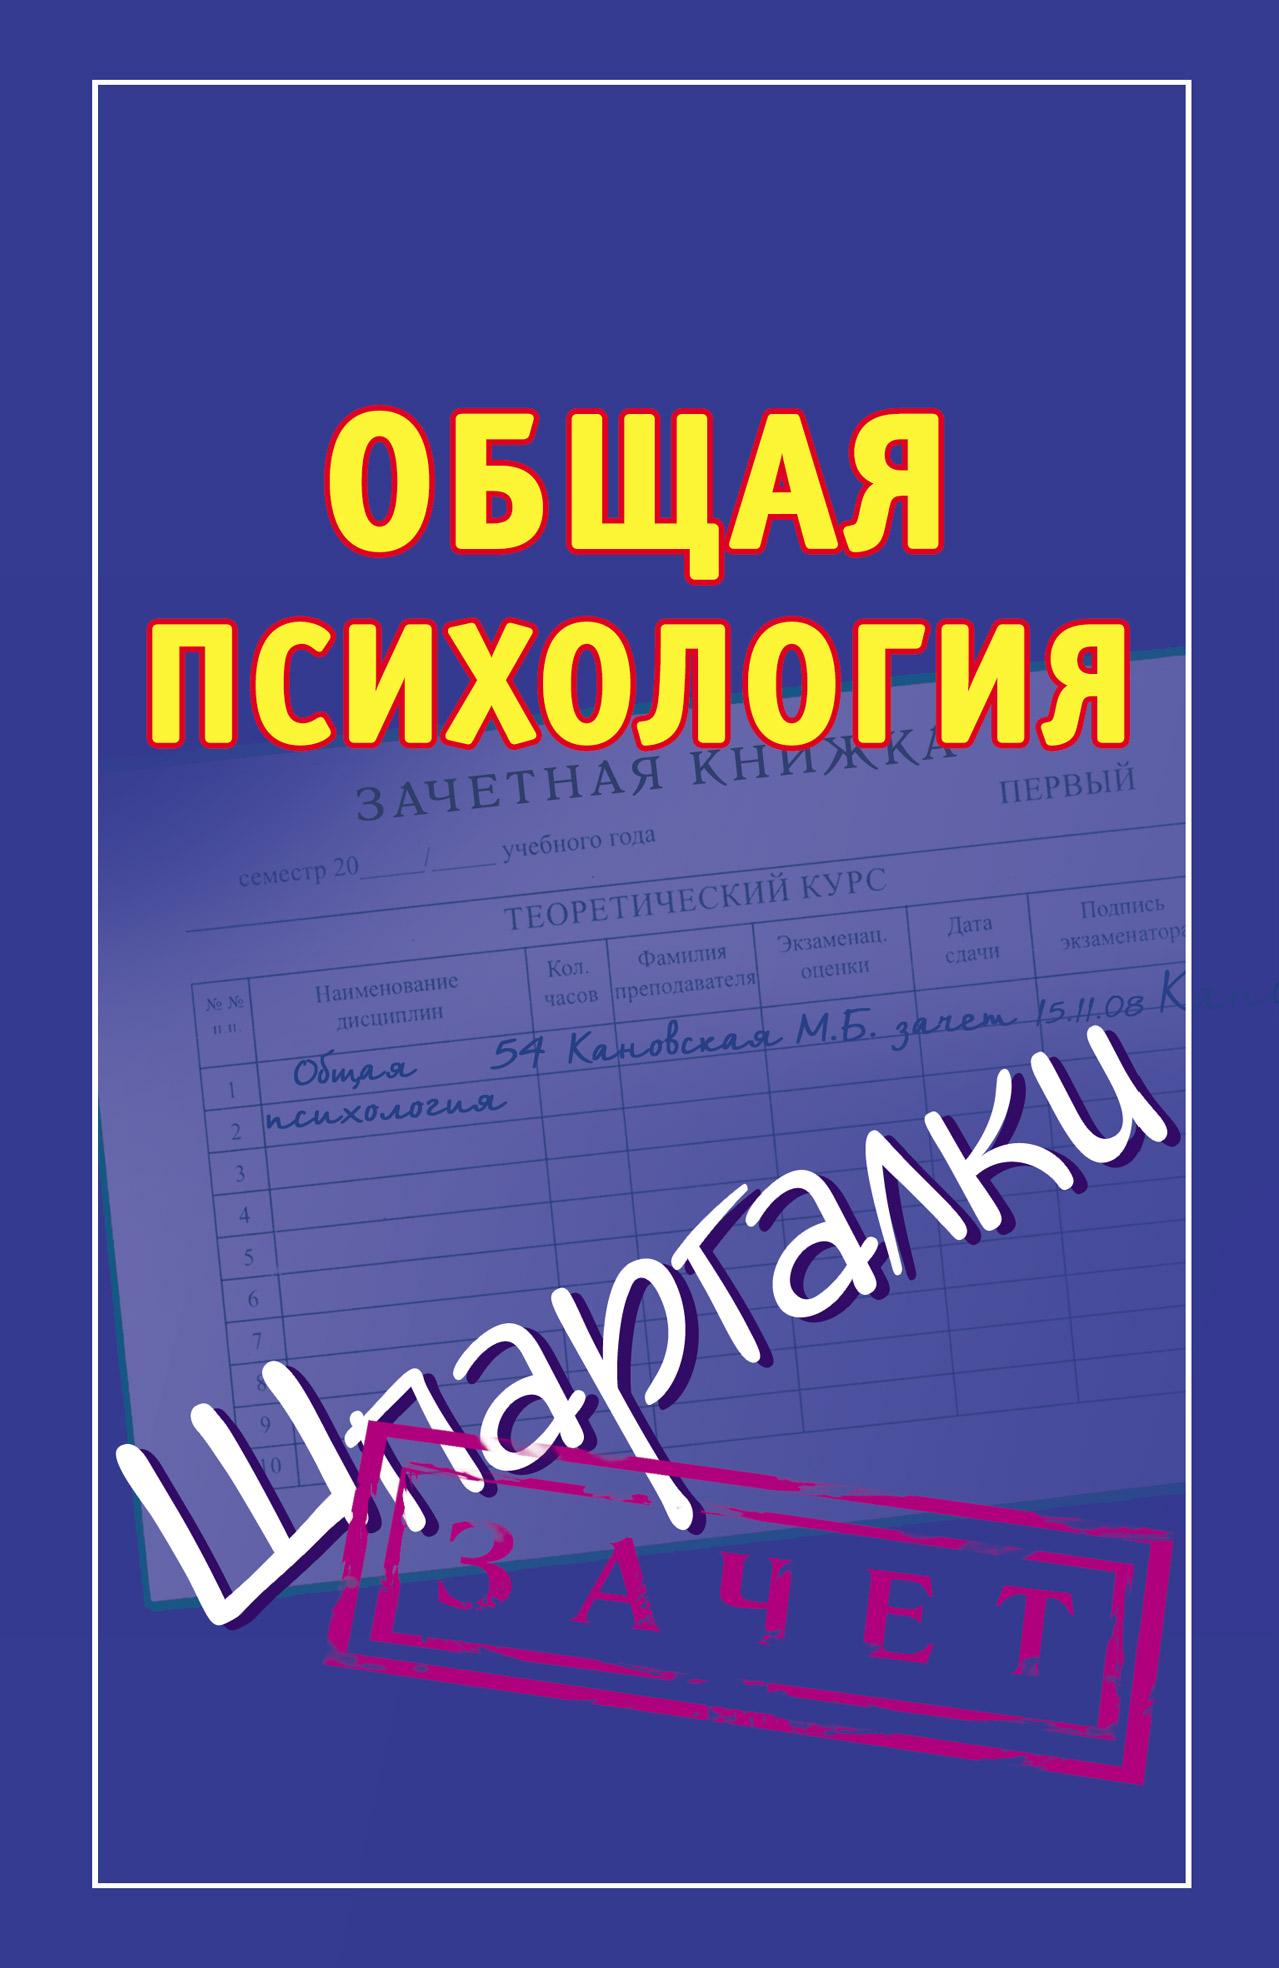 Отсутствует Общая психология. Шпаргалки отсутствует наша психология 02 2012